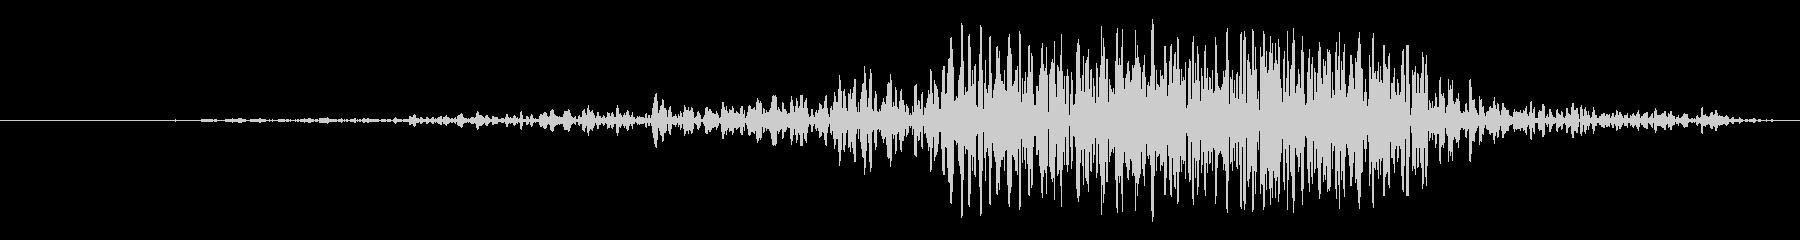 ヒューヒュー 21の未再生の波形